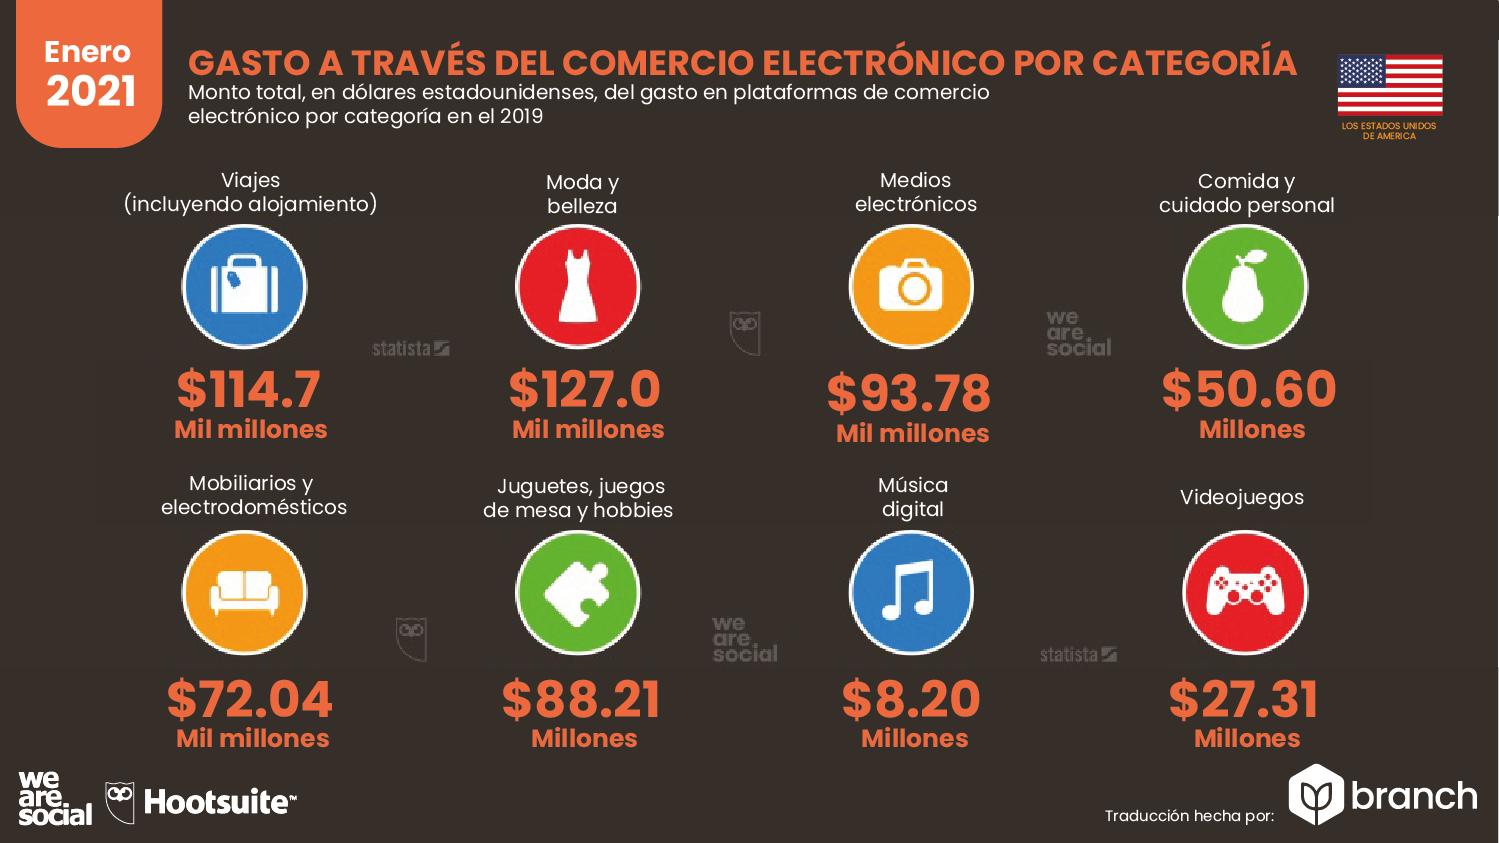 gastos-en-compras-ecommerce-usa-2020-2021